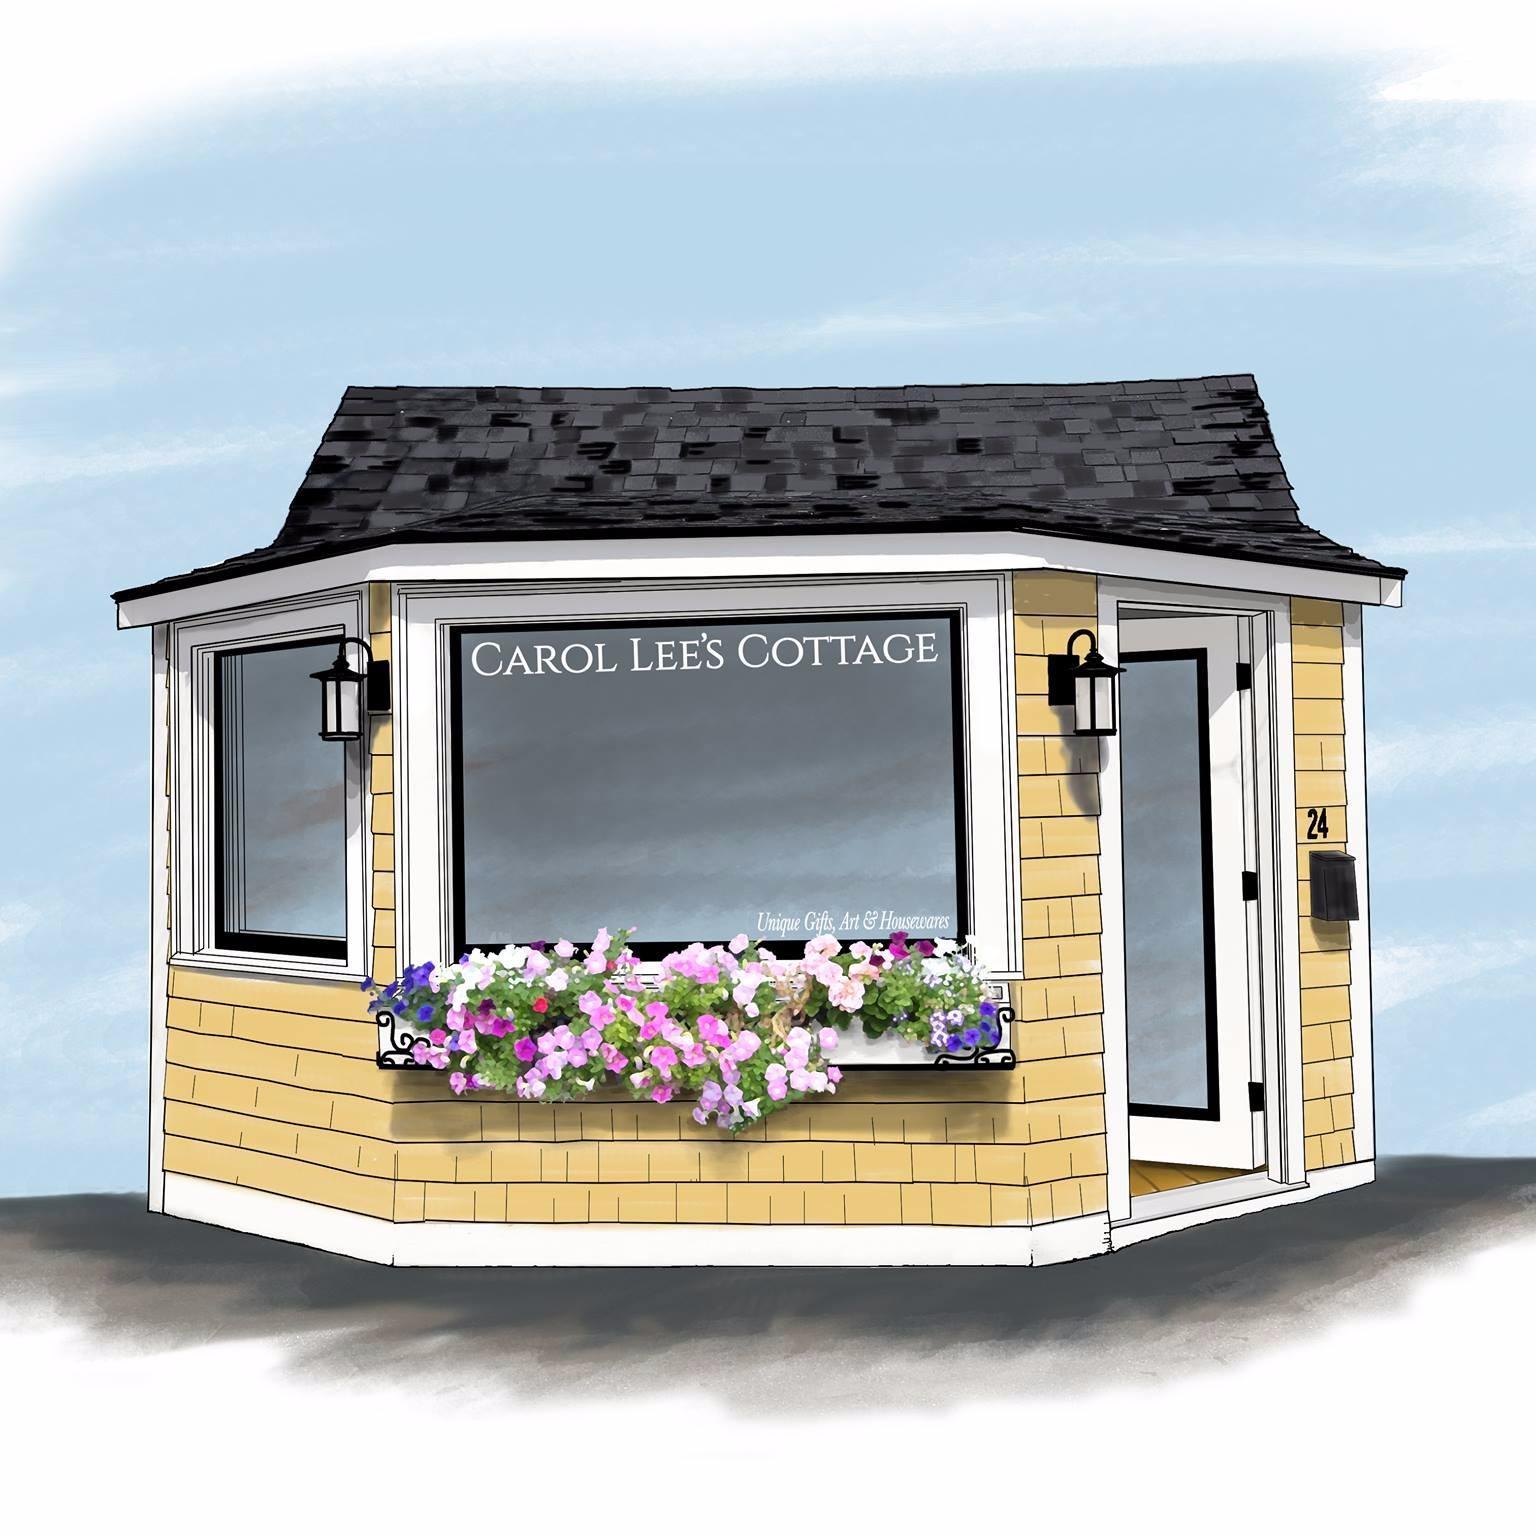 Carol Lee's Cottage - Rockport, MA - Card & Gift Shops